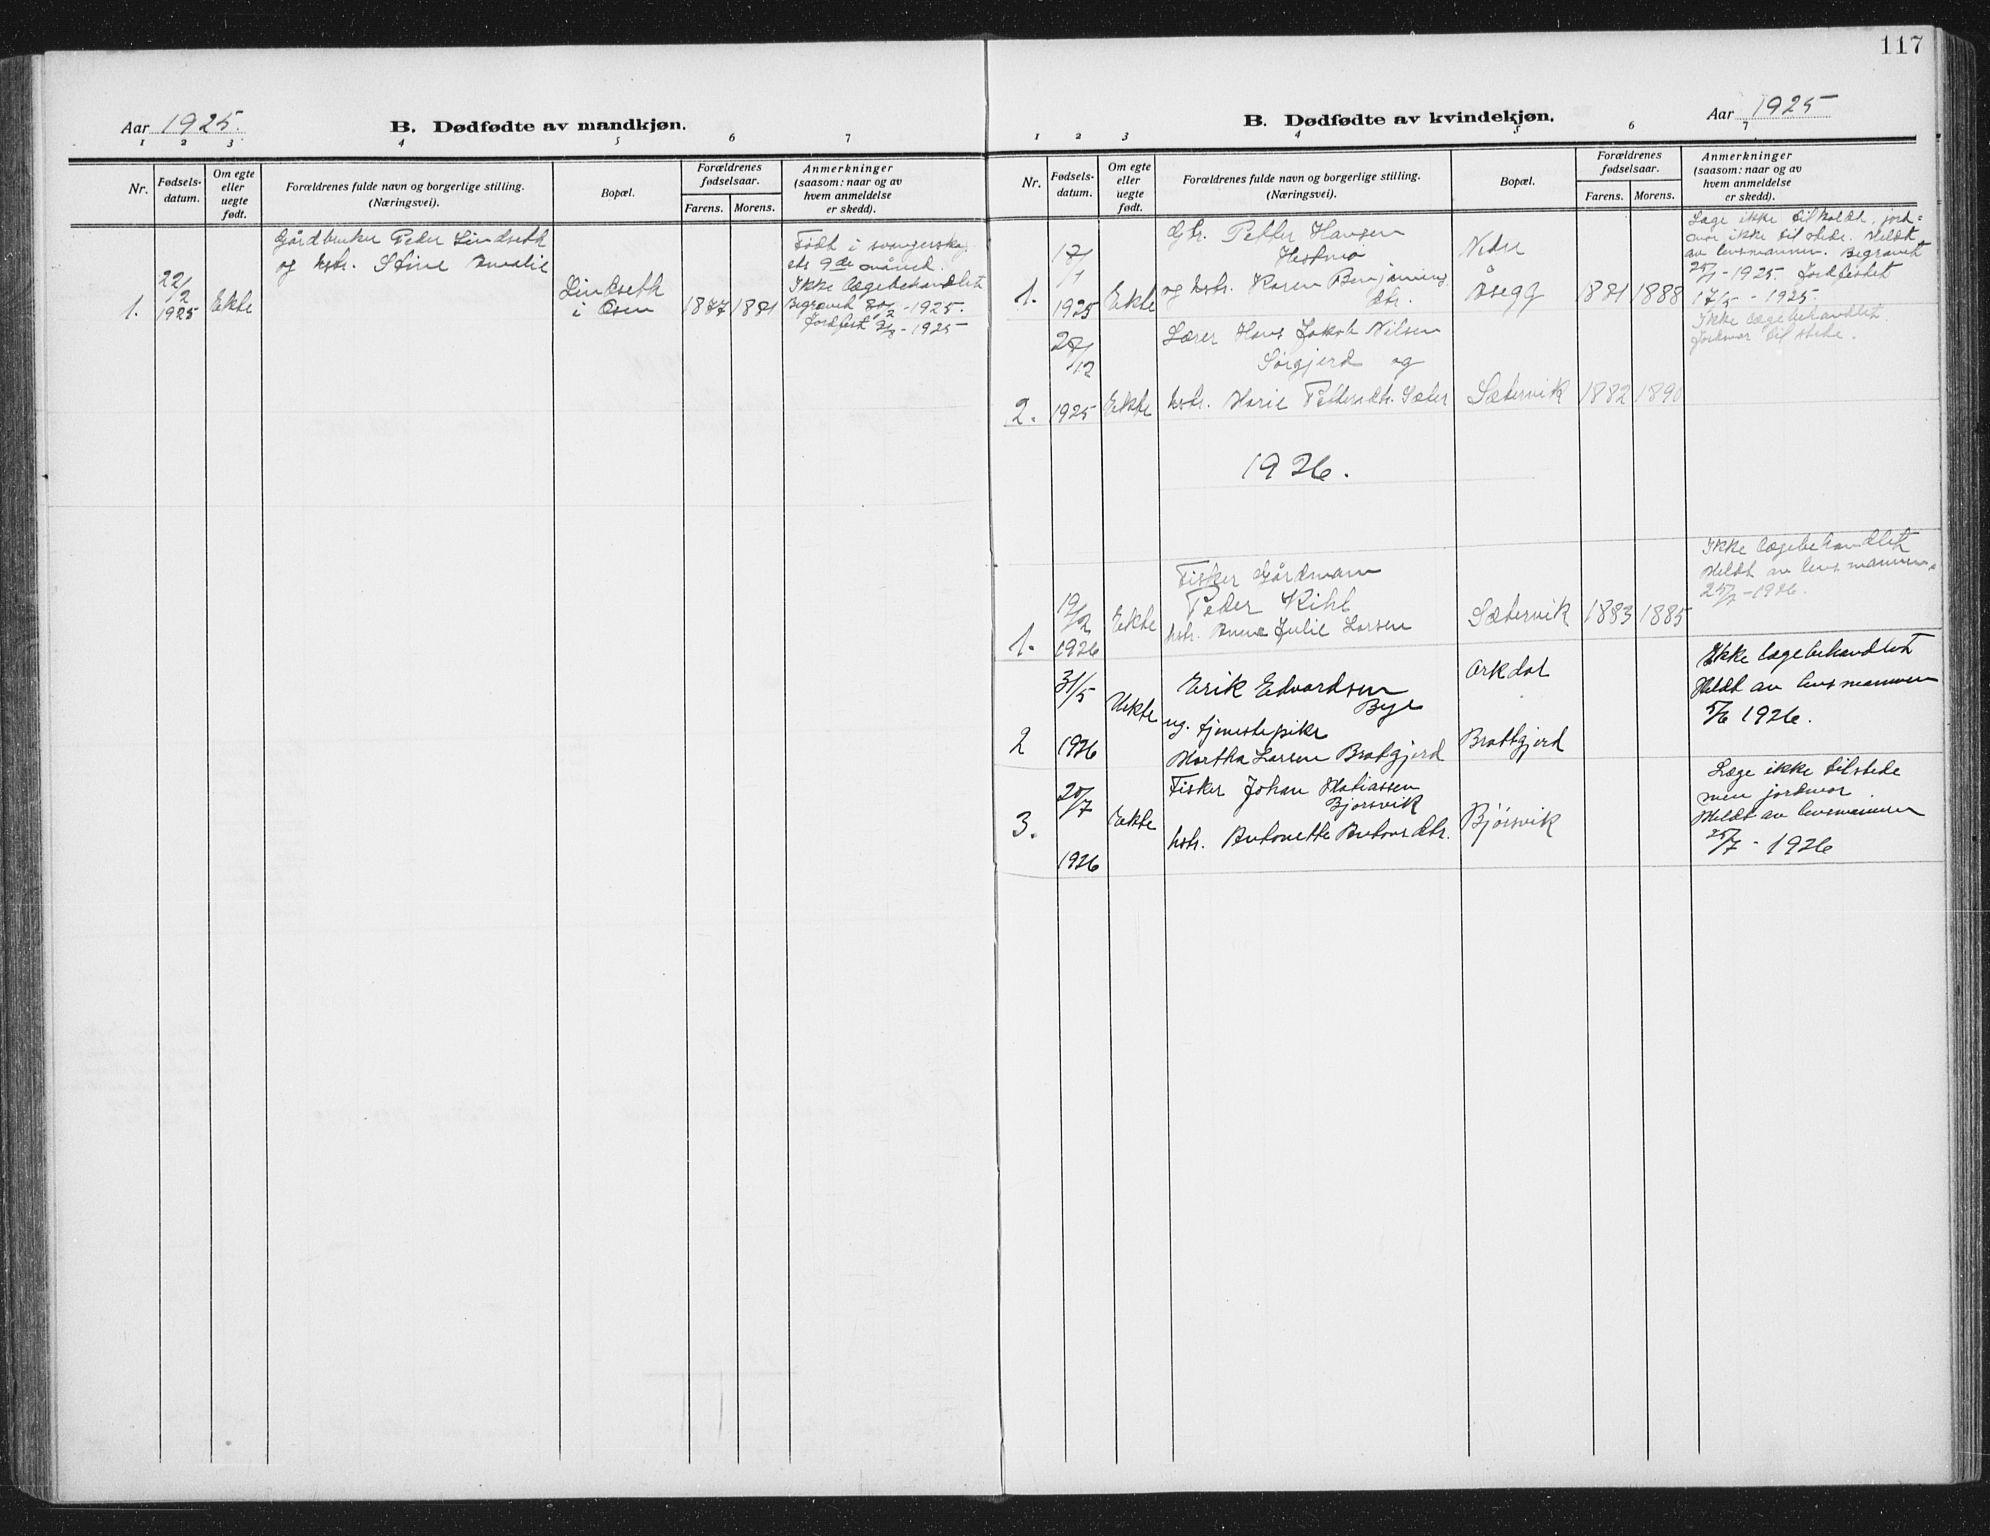 SAT, Ministerialprotokoller, klokkerbøker og fødselsregistre - Sør-Trøndelag, 658/L0727: Klokkerbok nr. 658C03, 1909-1935, s. 117